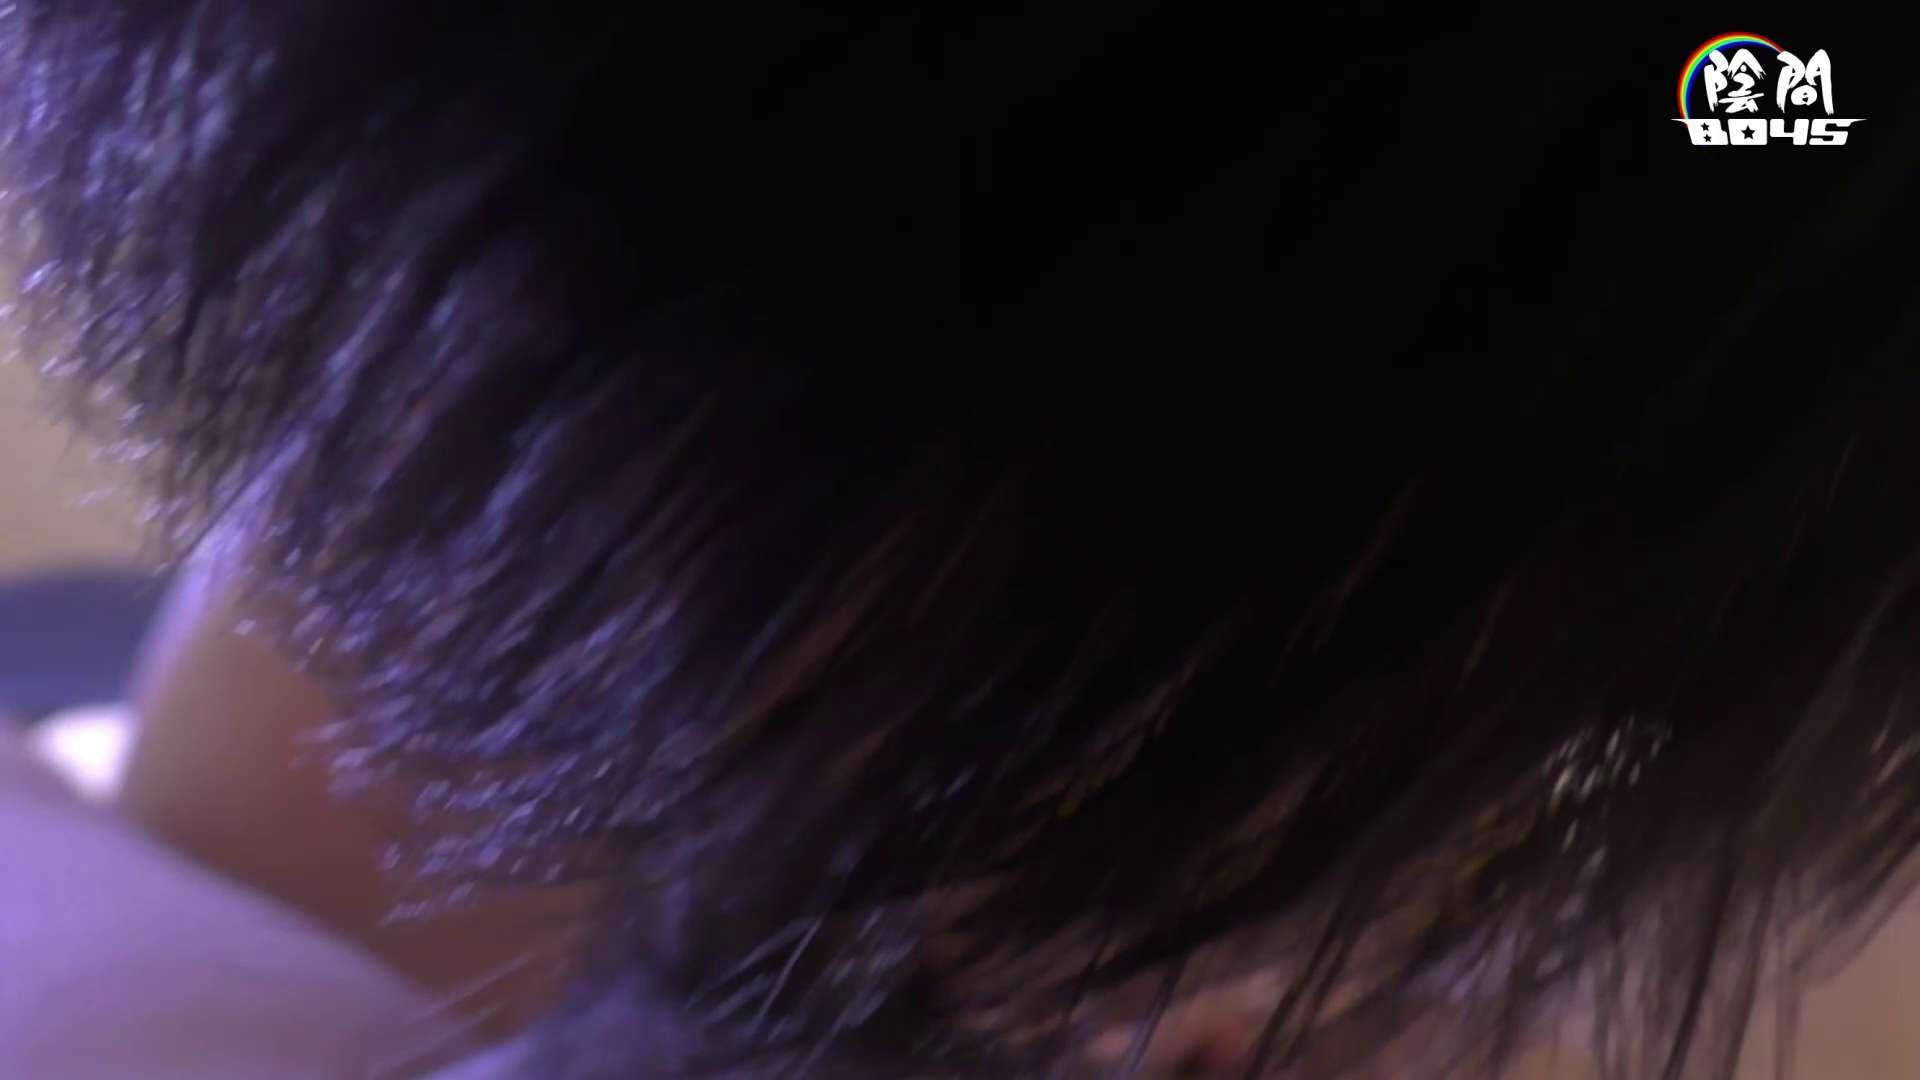 アナルで営業ワン・ツー・ スリーpart2 Vol.4 発射映像 おちんちん画像 107枚 78